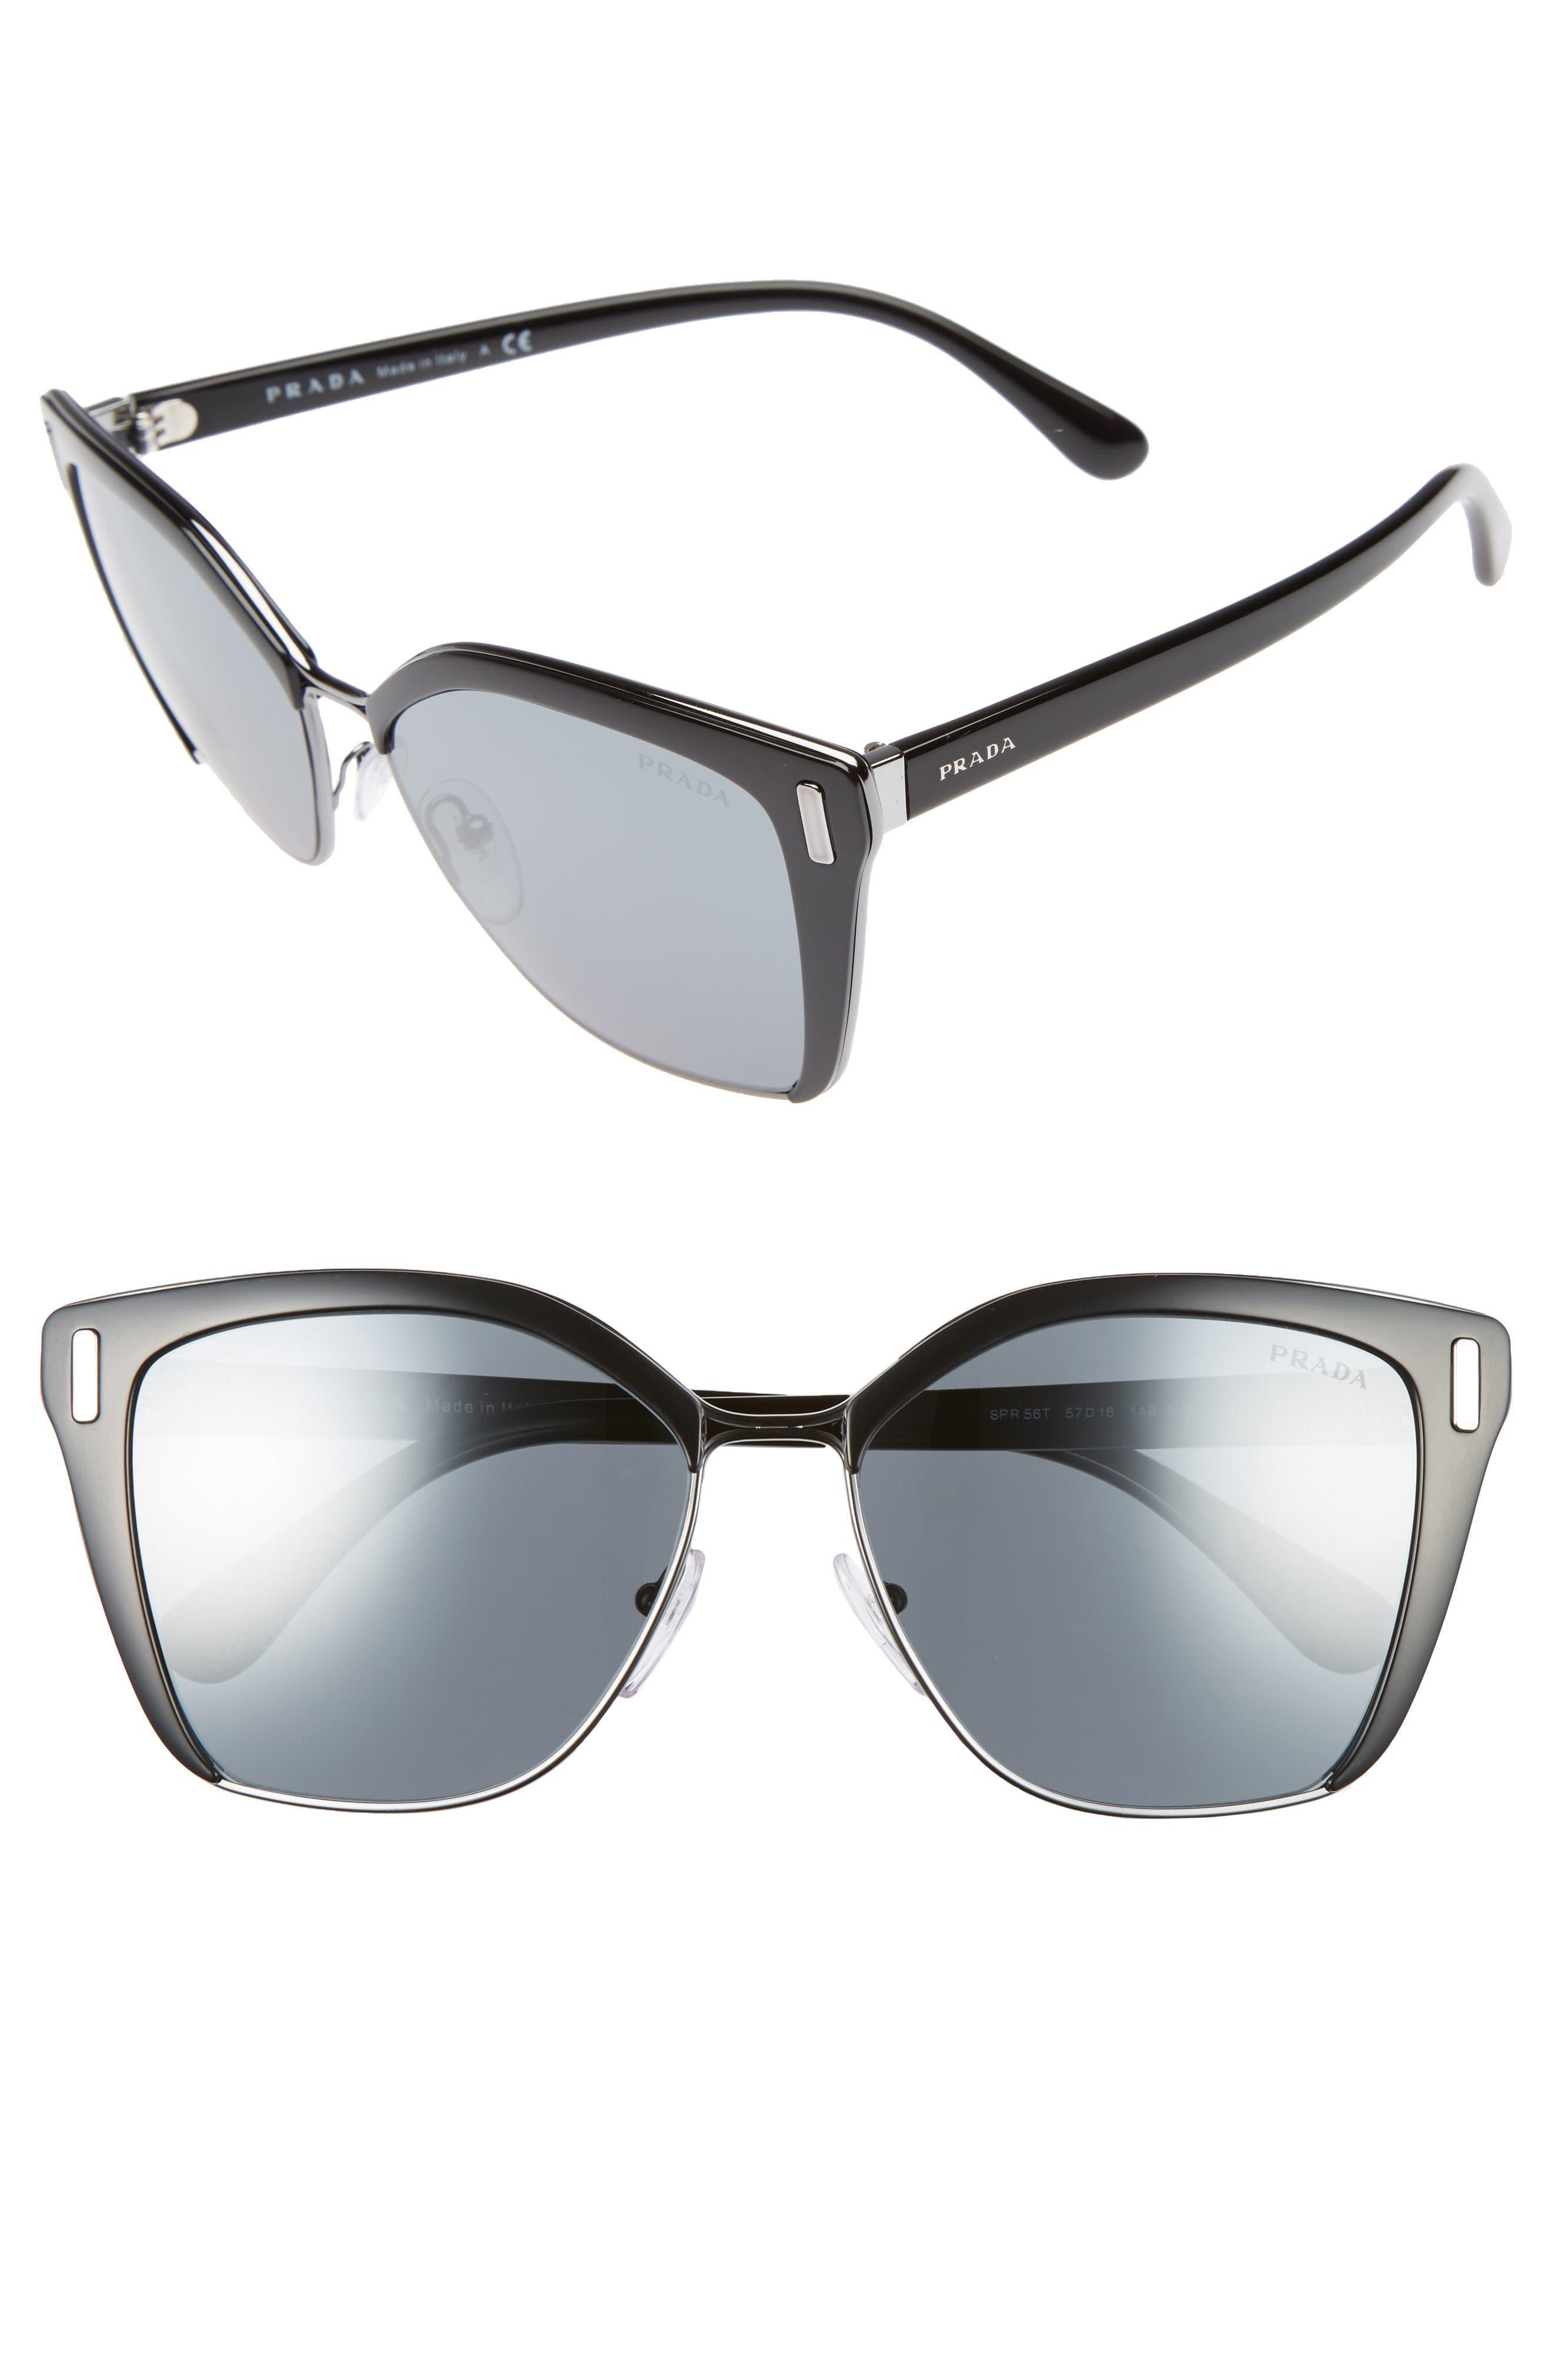 Prada 57mm Mirrored Geometric Sunglasses